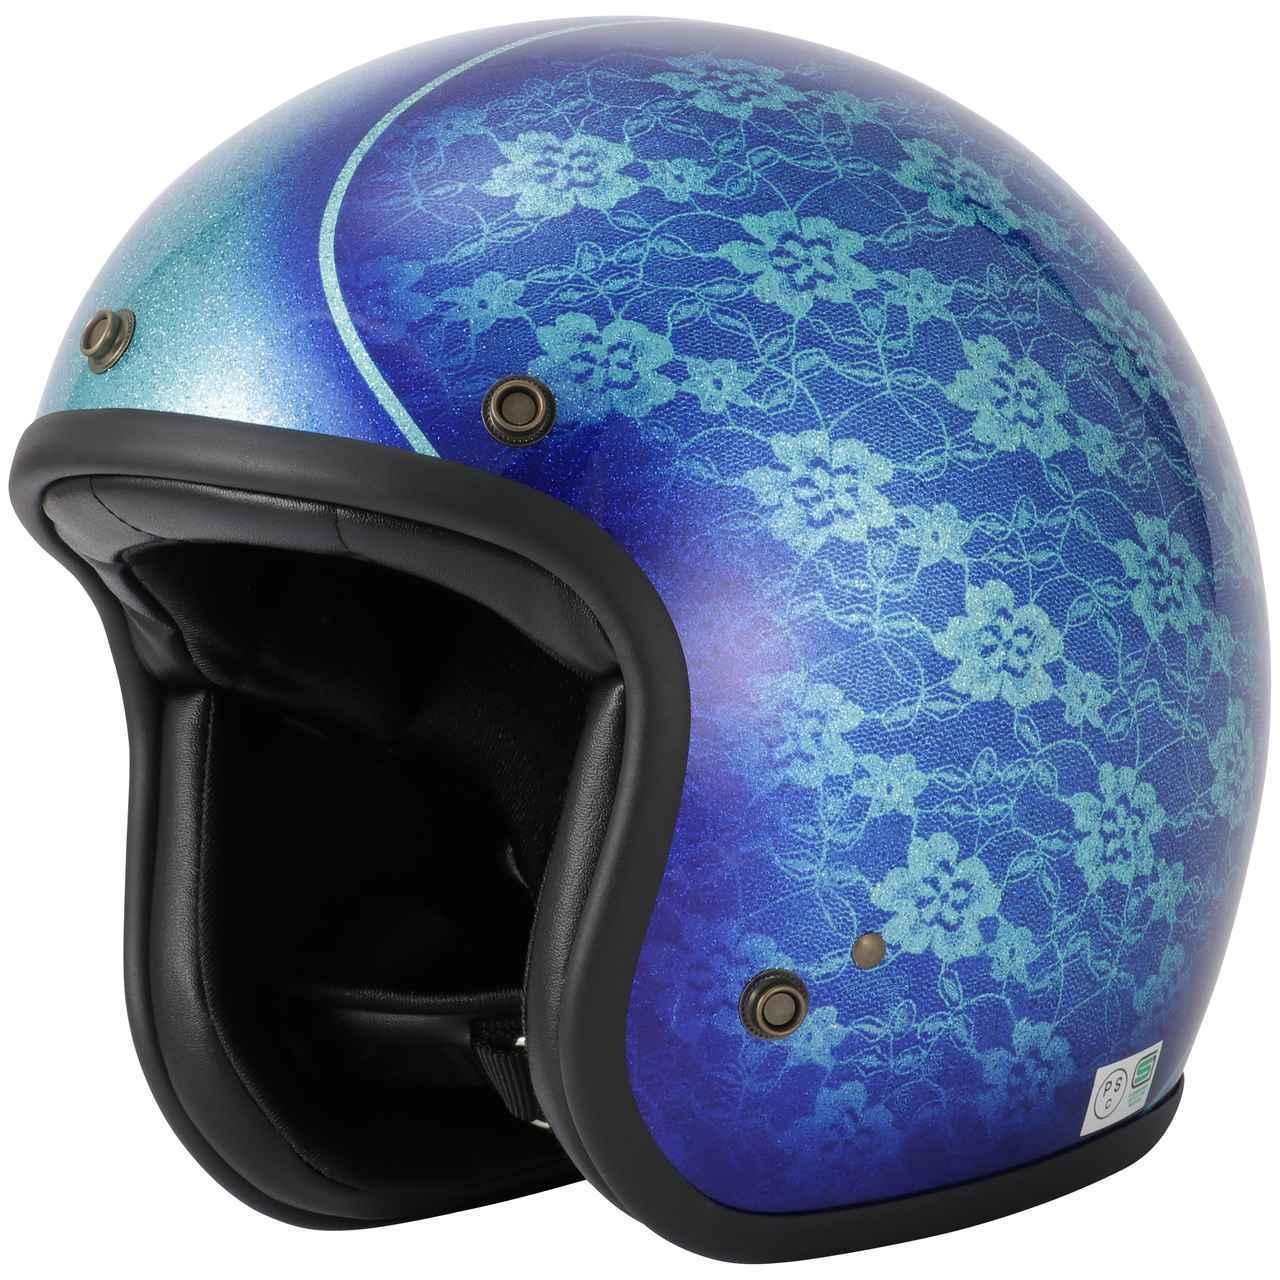 画像1: キャンディペイントで仕上げた大人のグラフィック! RIDEZが「二キトーヘルメット」の限定モデルを4月1日に発売